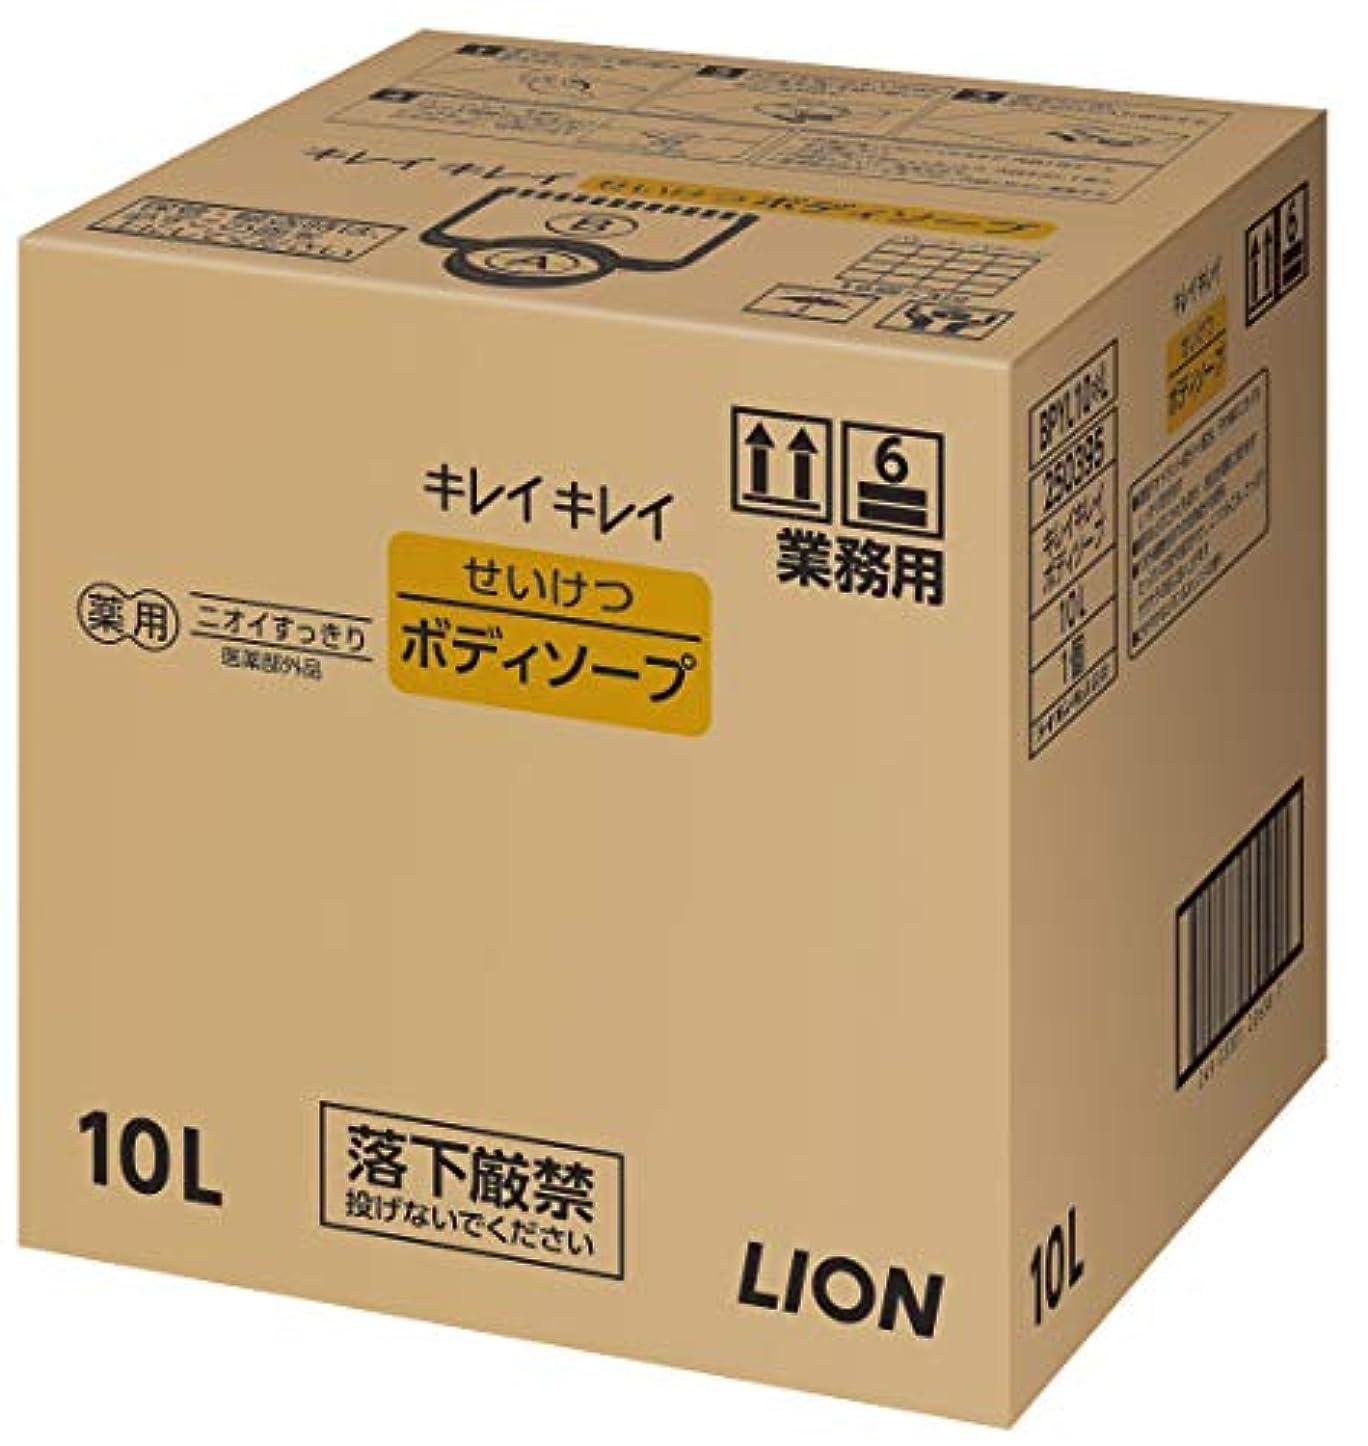 刈るいまハンカチキレイキレイ せいけつボディソープ さわやかなレモン&オレンジの香り 業務用 10L